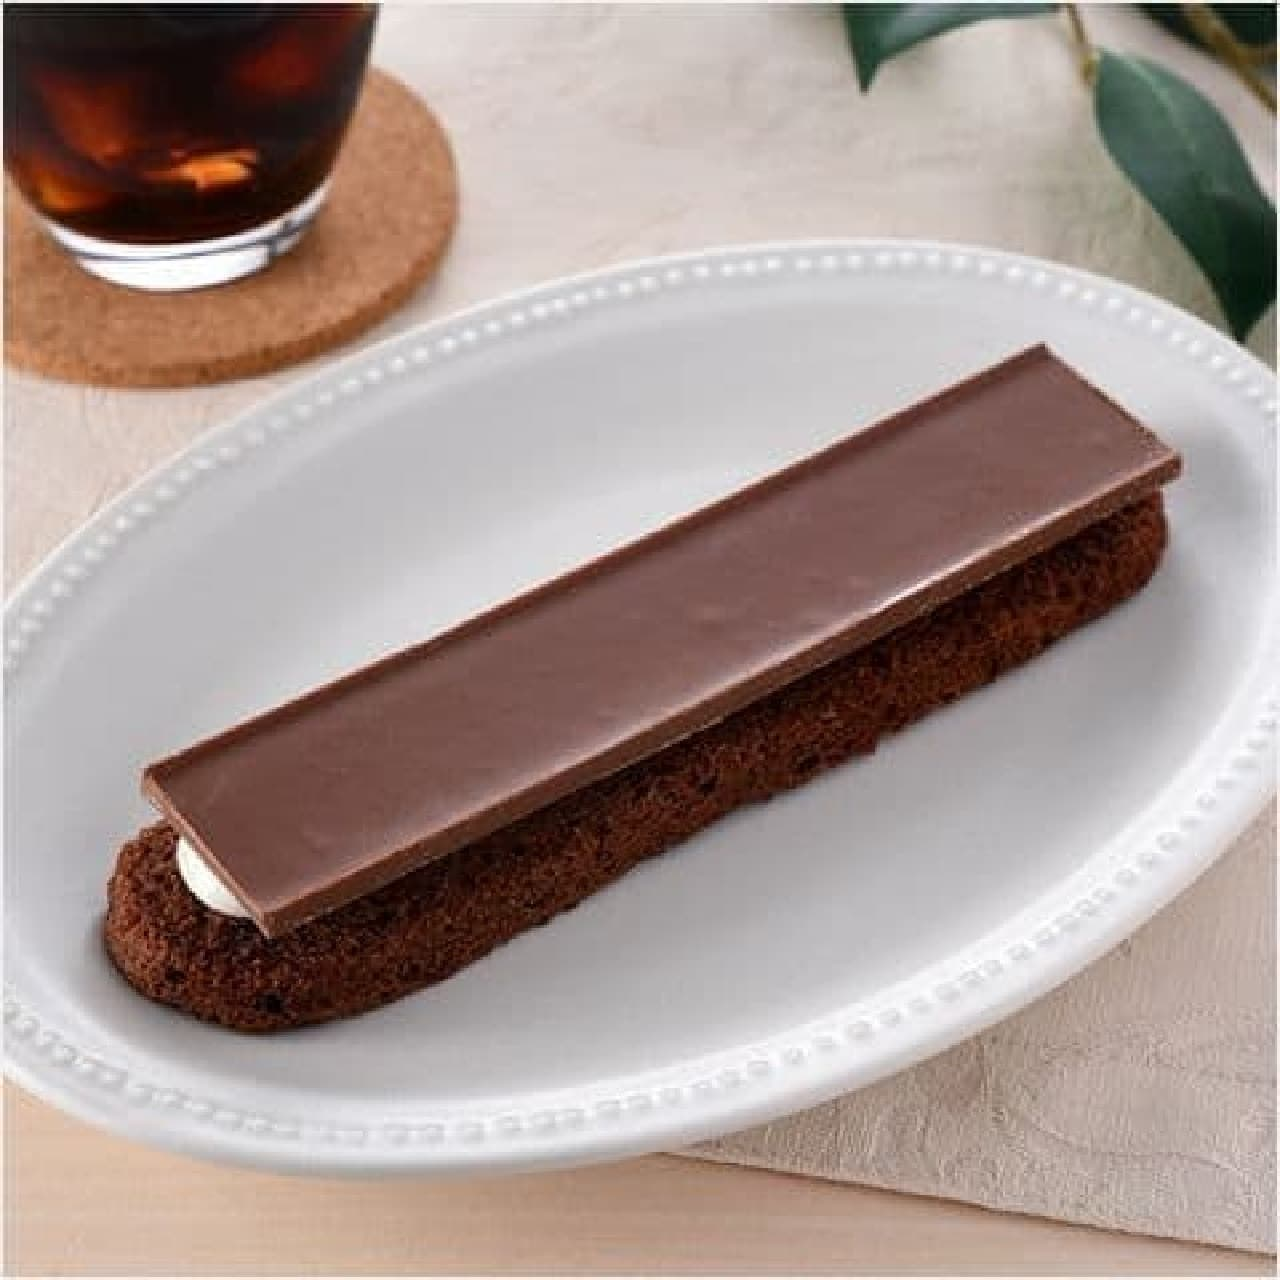 ファミリーマート「パキッと板チョコ&クッキーサンド」